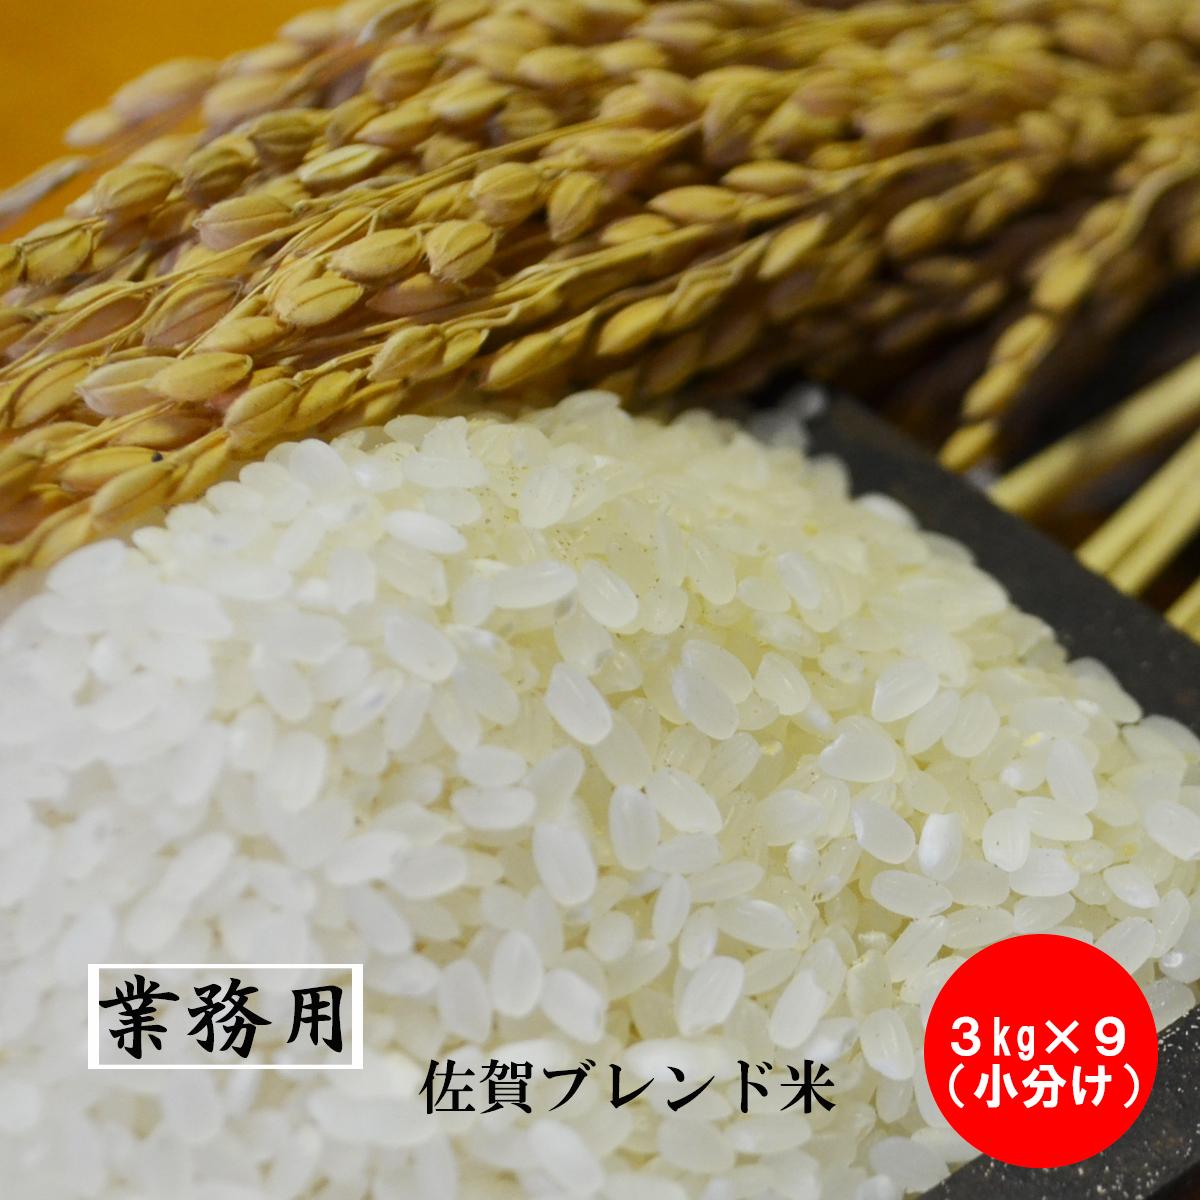 【業務用米】佐賀県産 厳選ブレンド米 【小分け】白米27kg(3kg×9)(2升×9)米 お米 送料無料